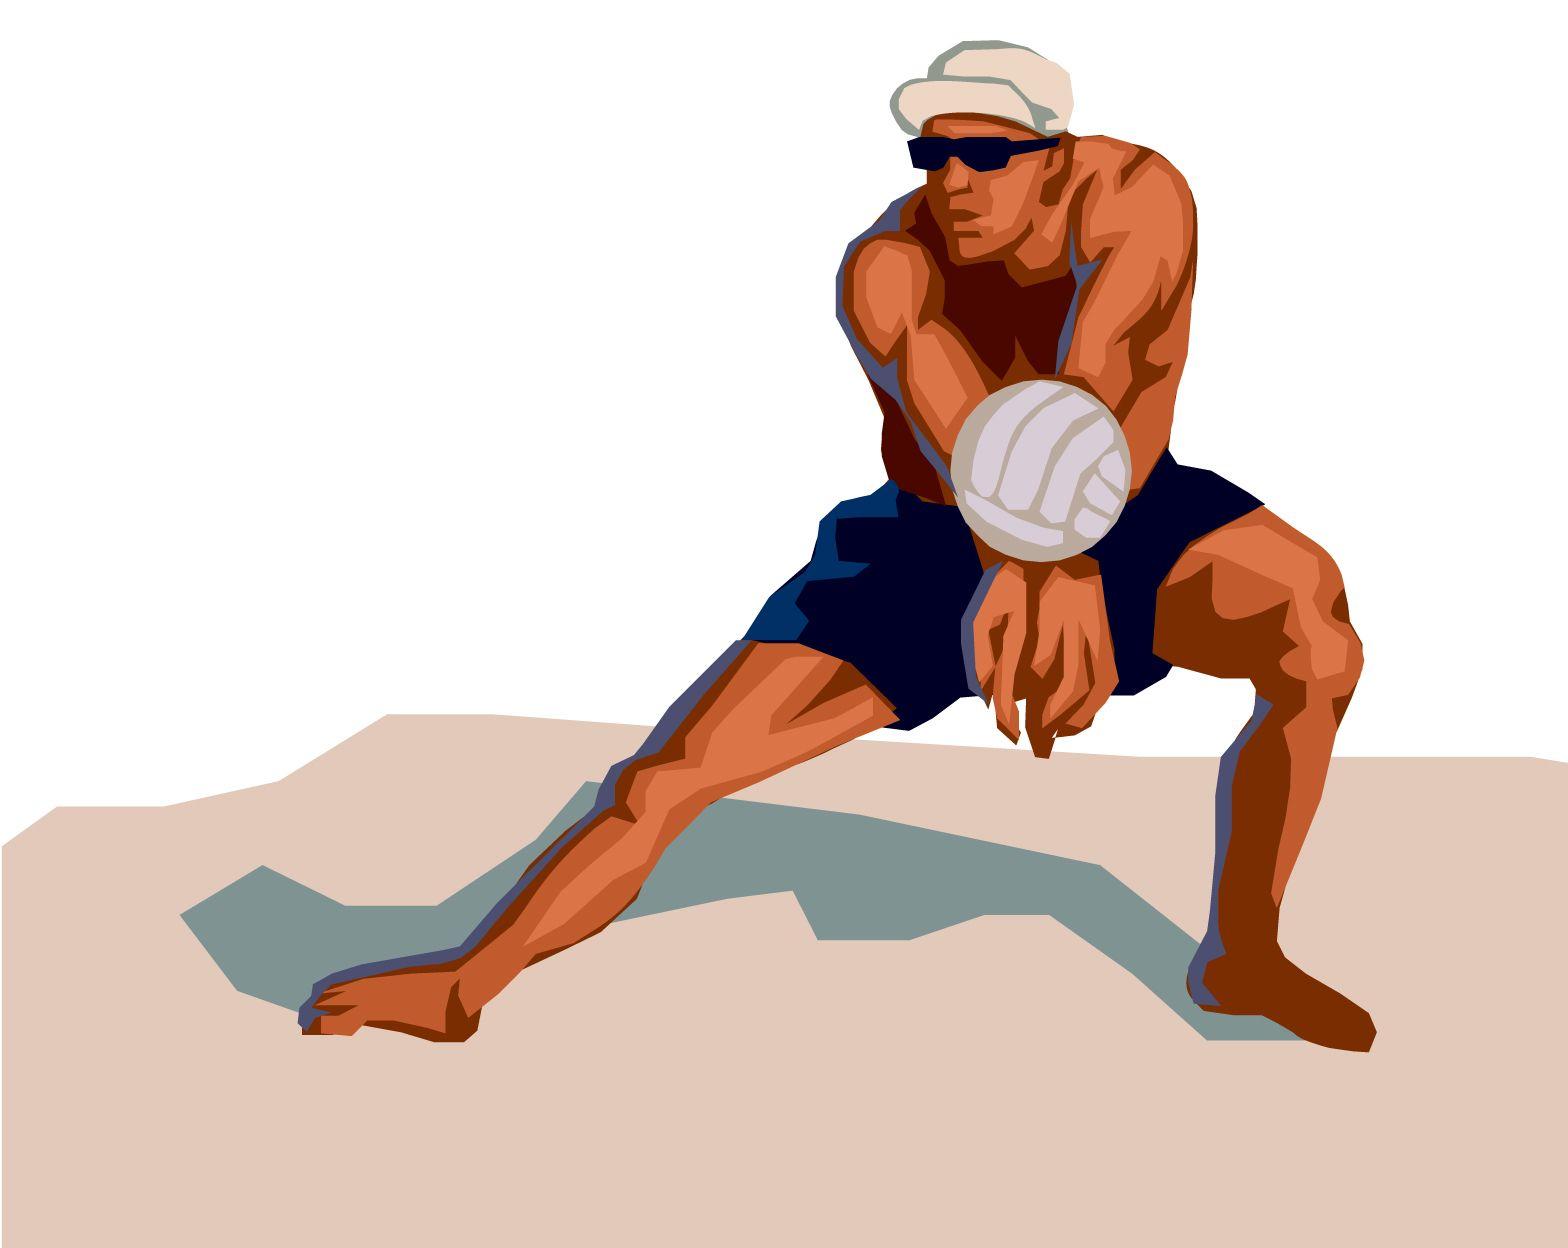 Beach Volleyball Bump Image Beach Volleyball Volleyball Branding Inspiration